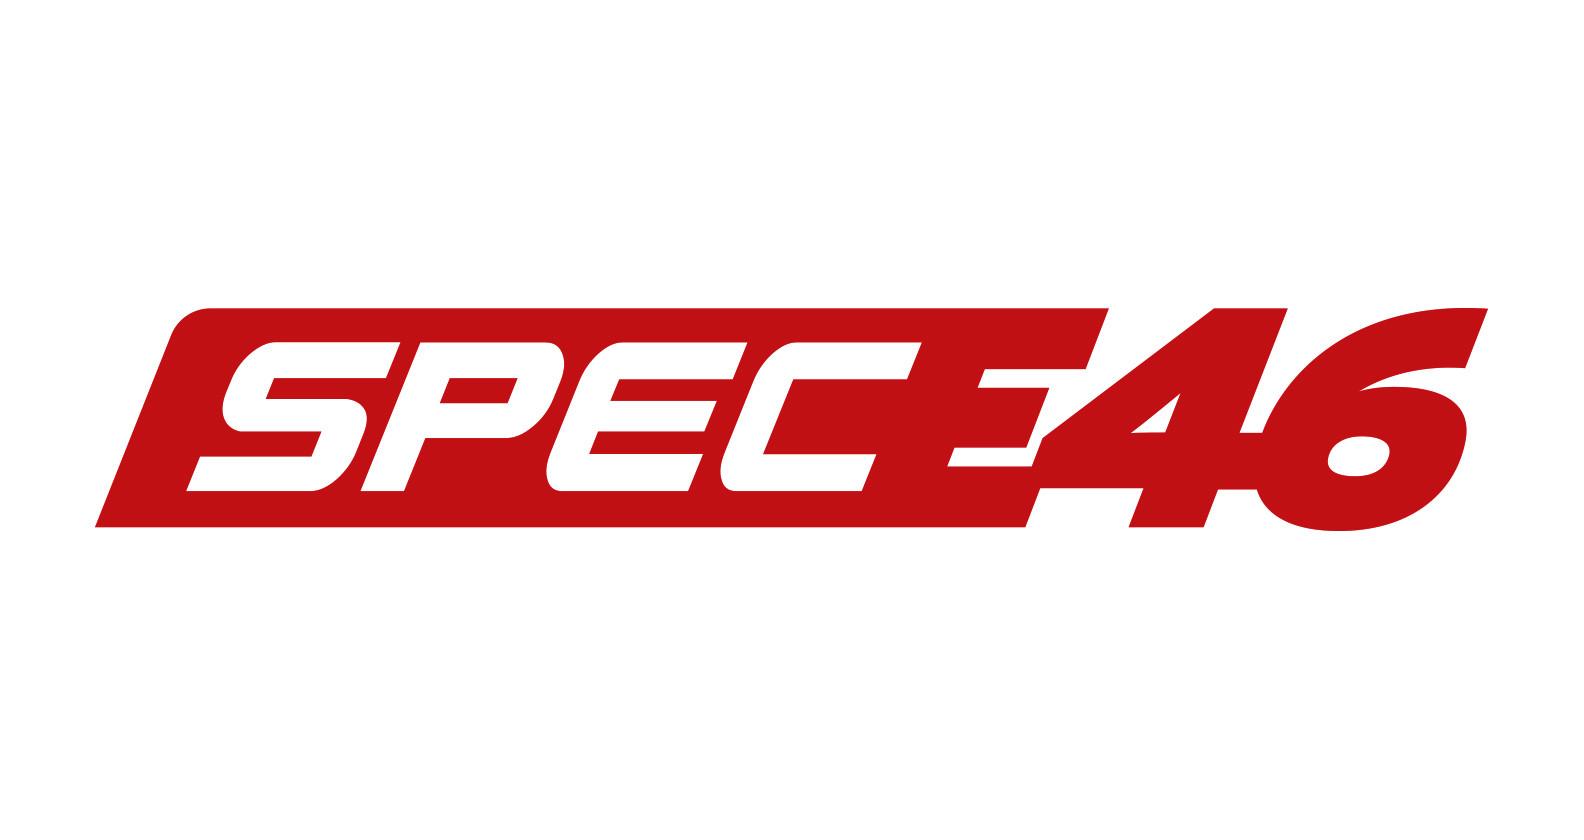 Spec E46 Logo Design